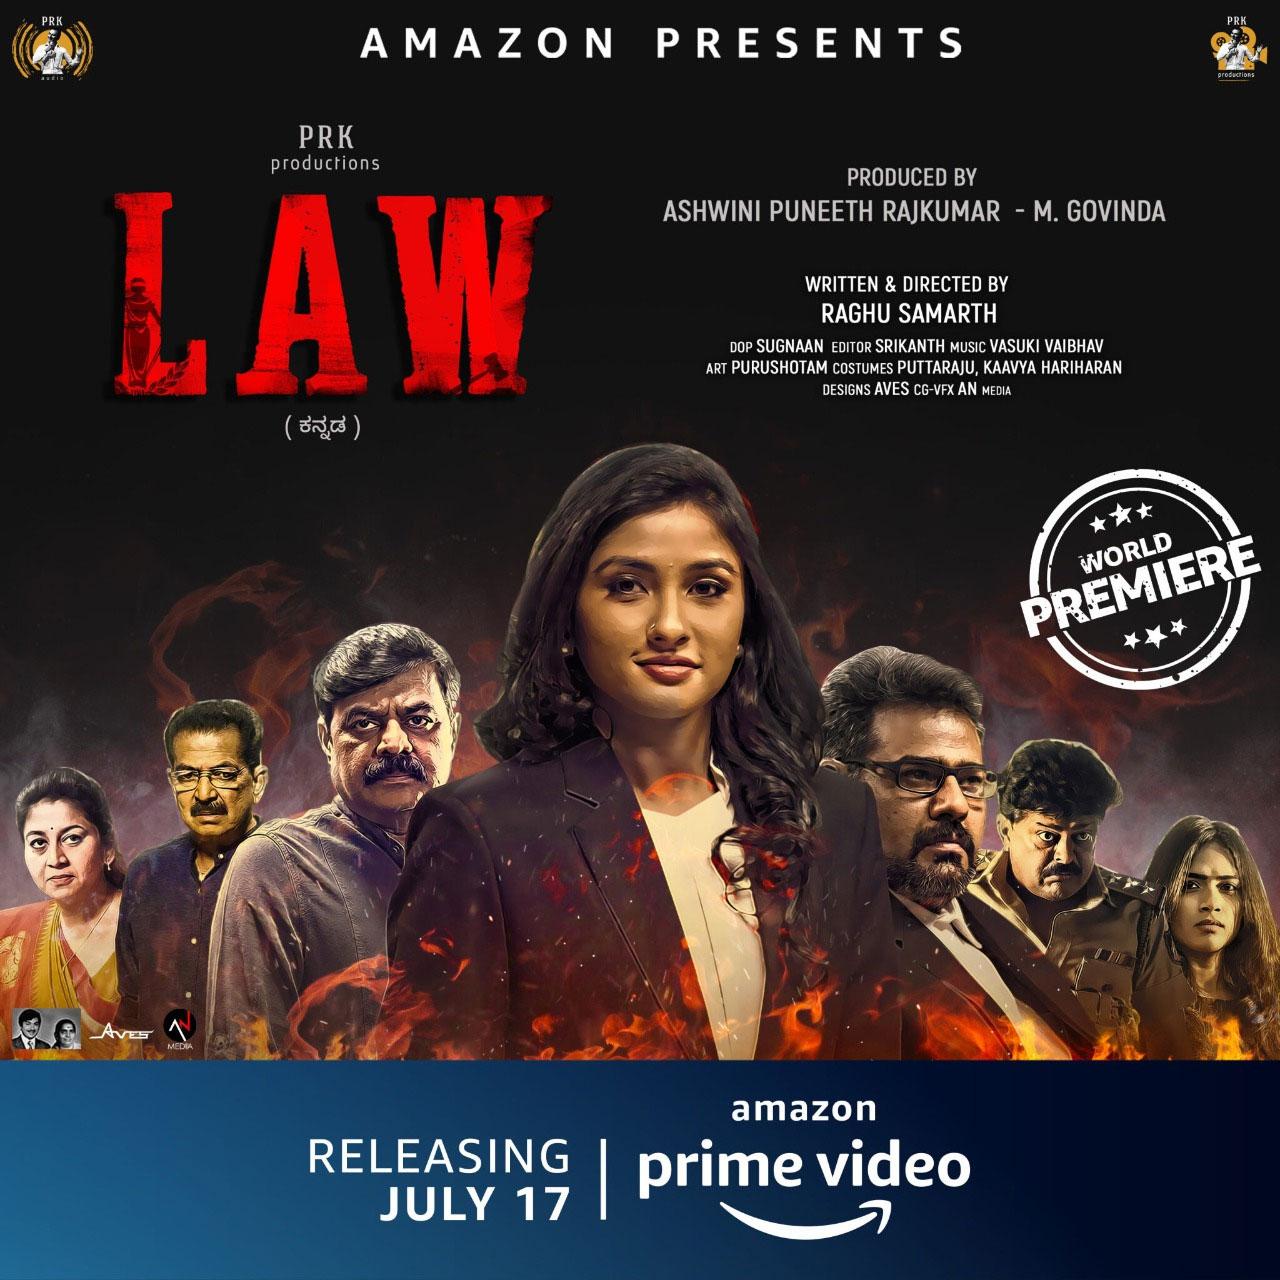 जानिए, रागिनी चंद्रन ने फिल्म डेब्यु के लिए अमेजन प्राइम वीडियो की फिल्म लॉ को क्यों ही चुना?